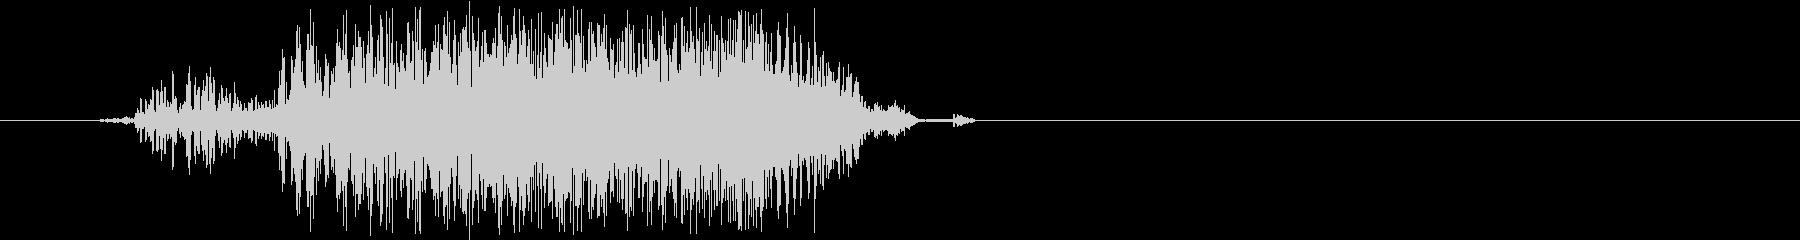 グゥアーー(猛獣、化け物の声)の未再生の波形